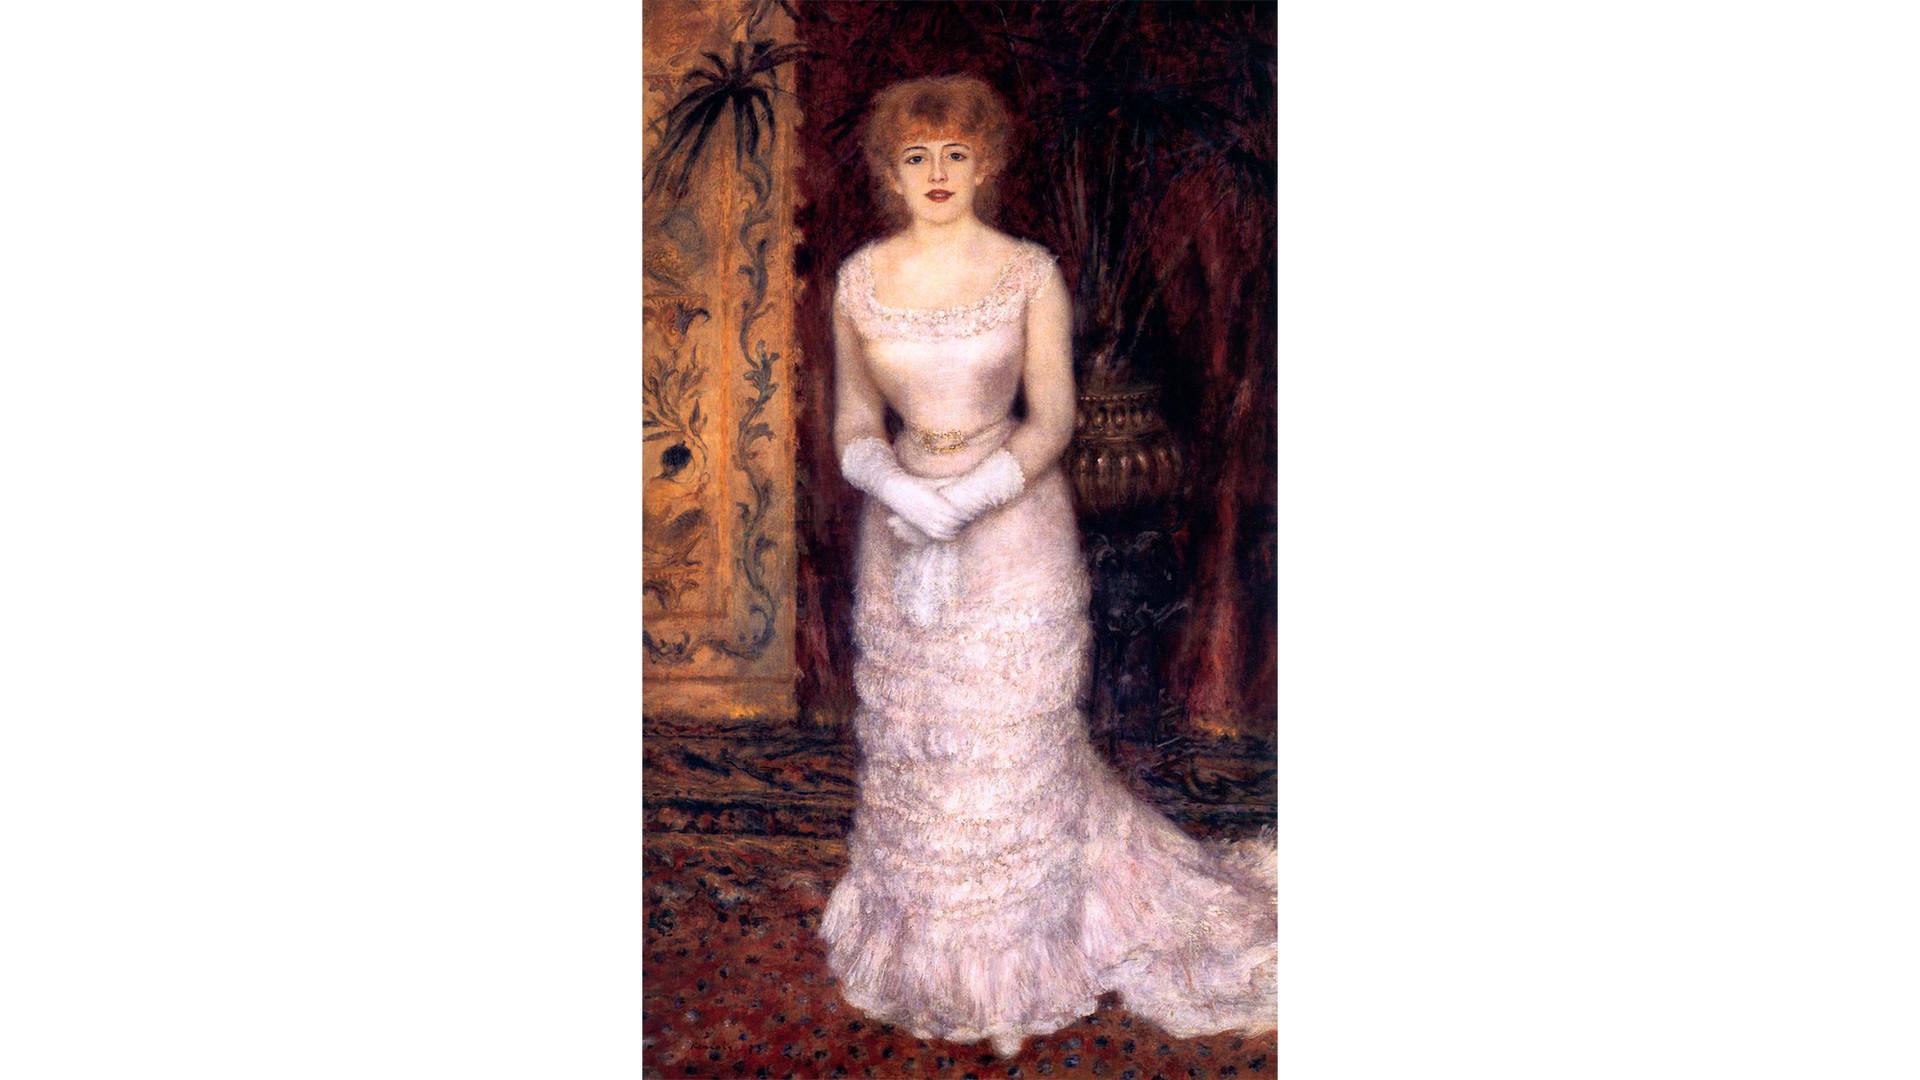 'Jeanne Samary con vestido escotado', de Pierre-Auguste Renoir.